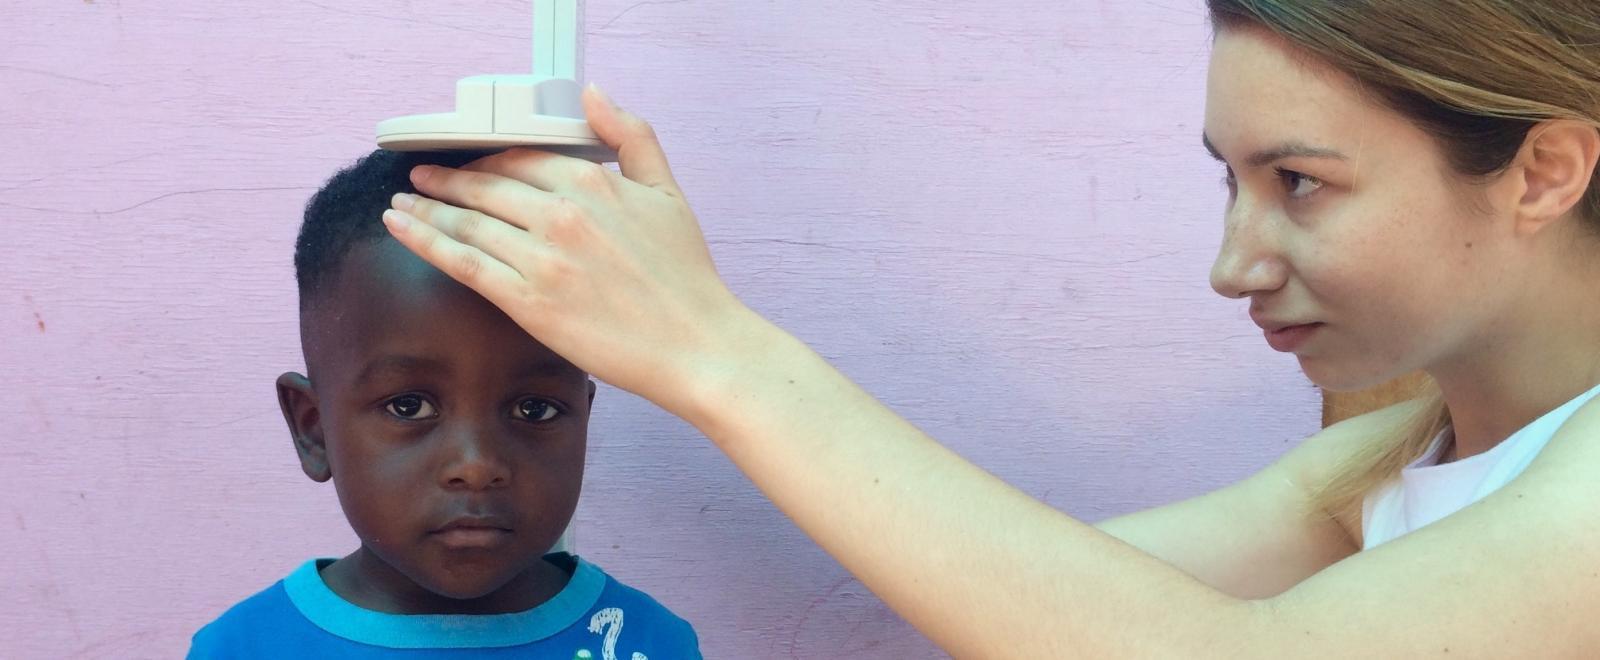 Pasante de Nutrición en Sudáfrica midiendo a un niño.